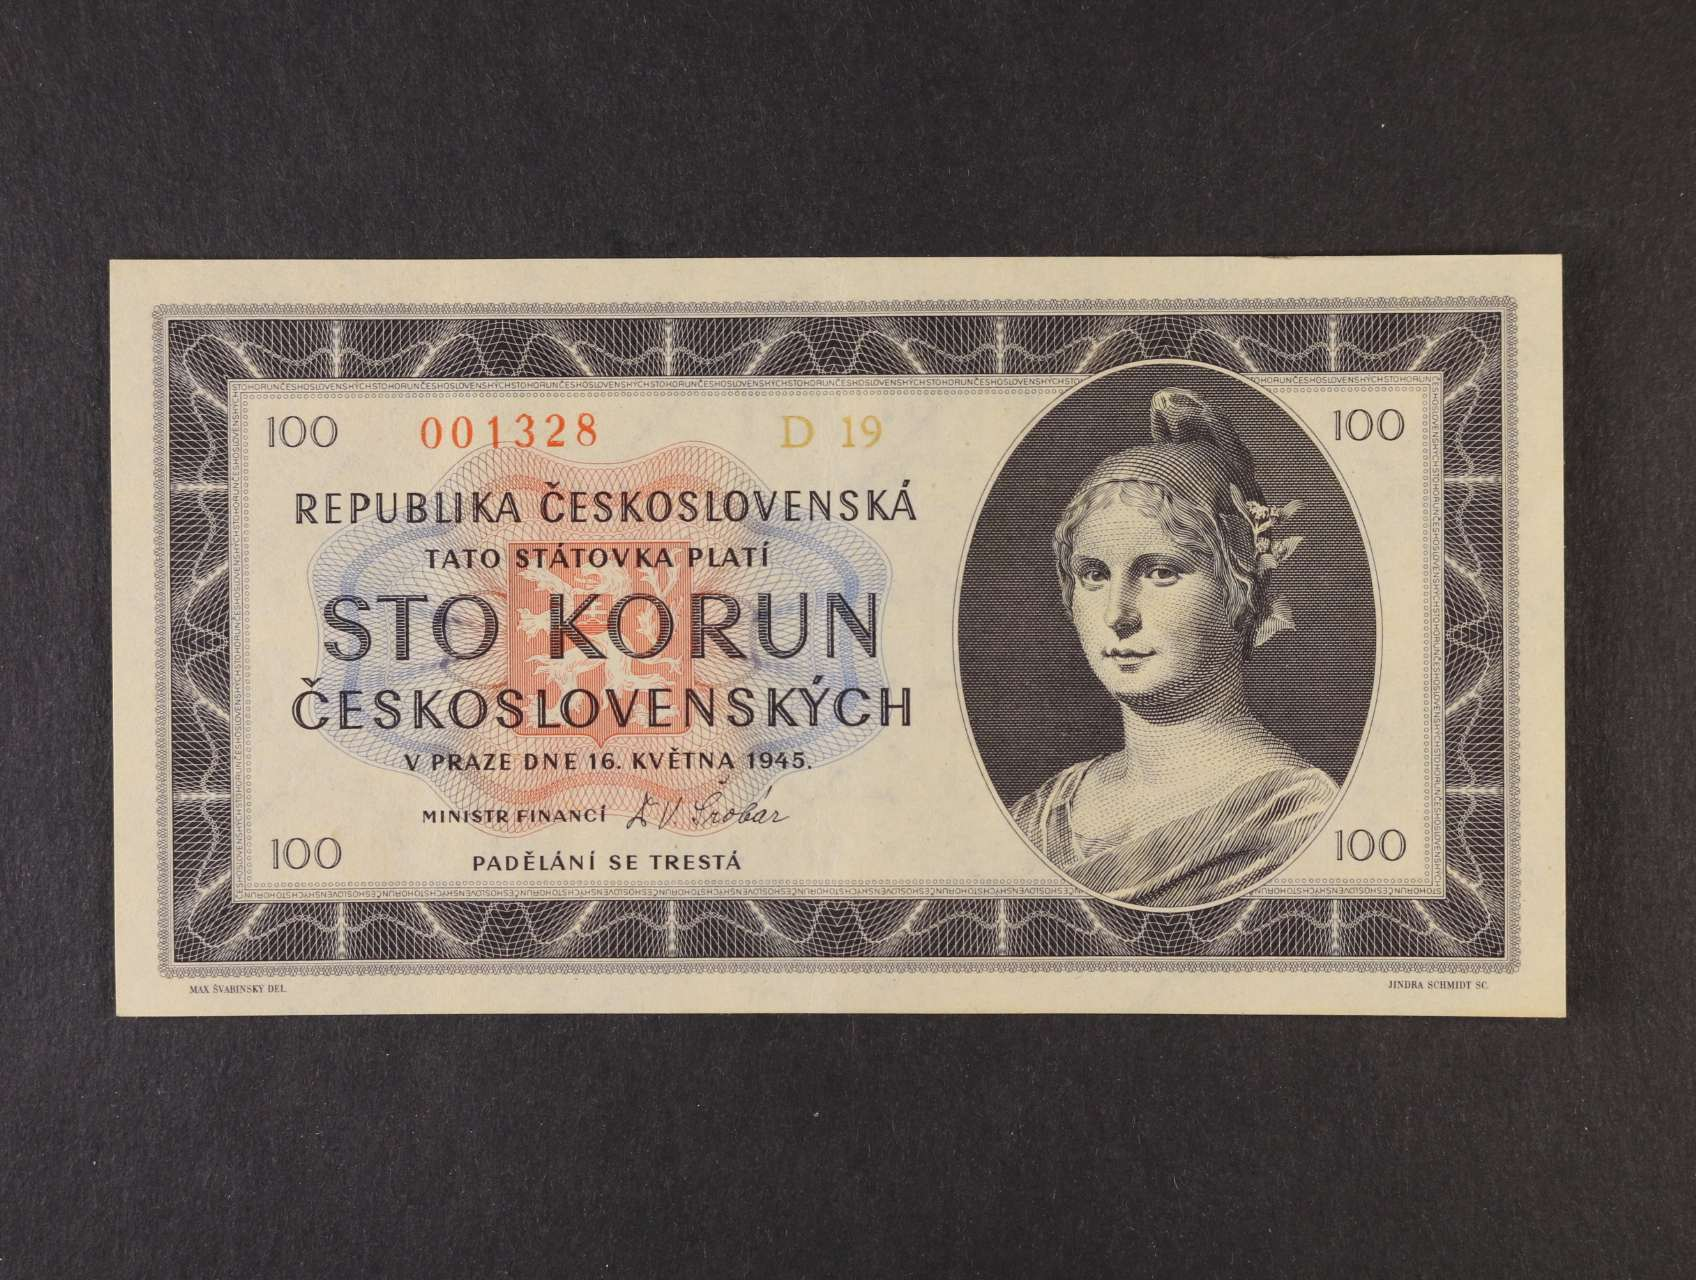 100 Kčs 16.5.1945 série D 19, Ba. 77b2, Pi. 67a